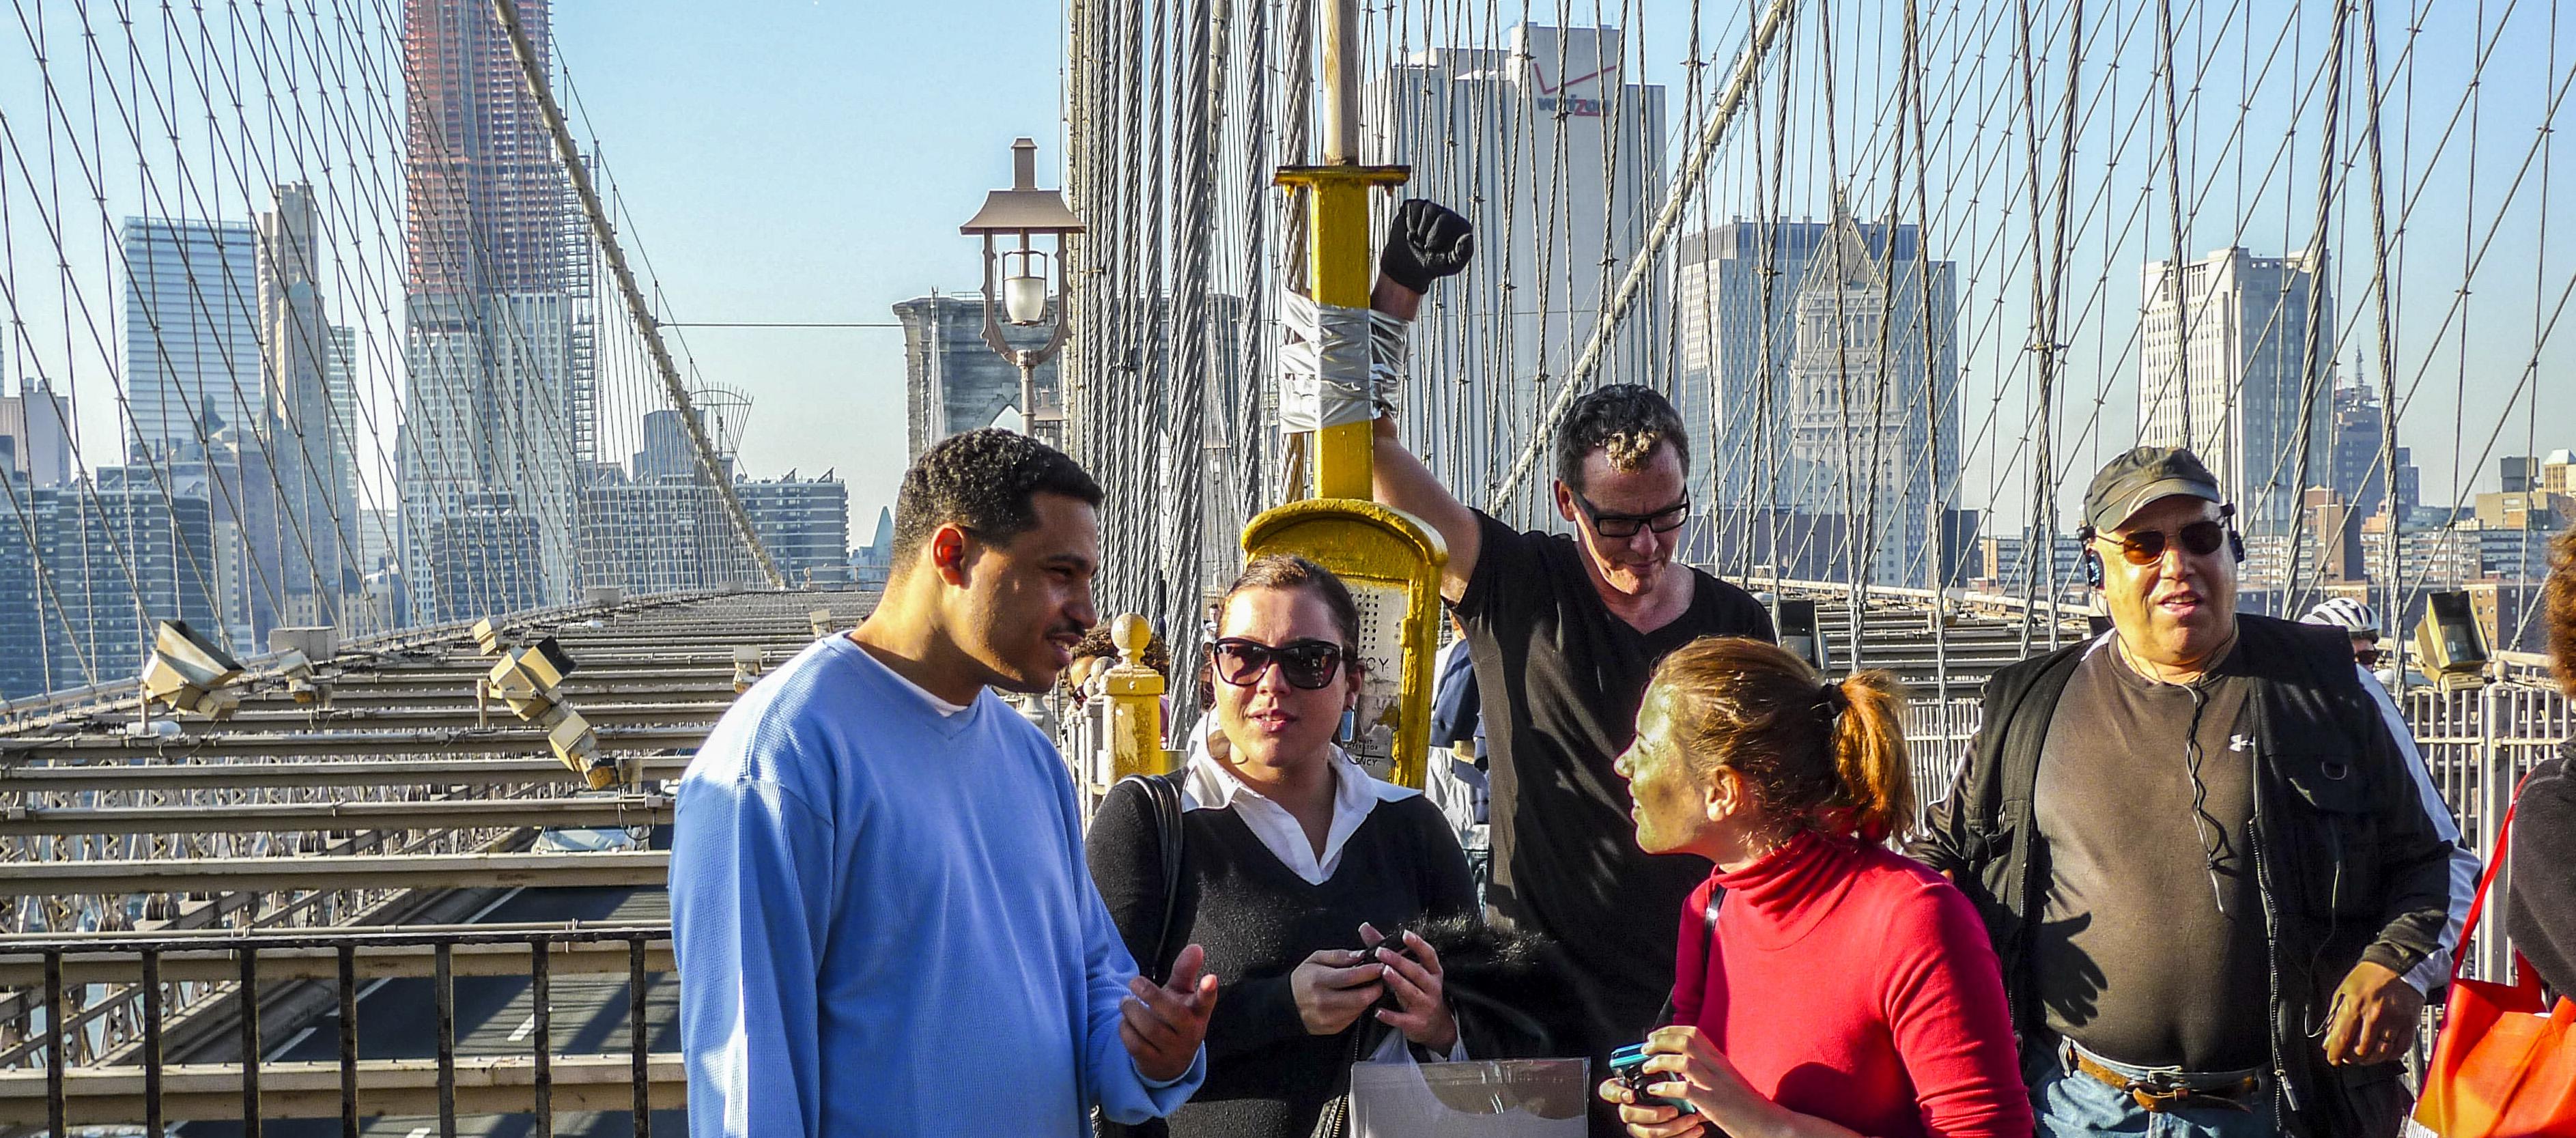 Emergency - Brooklyn Bridge NYC 2009